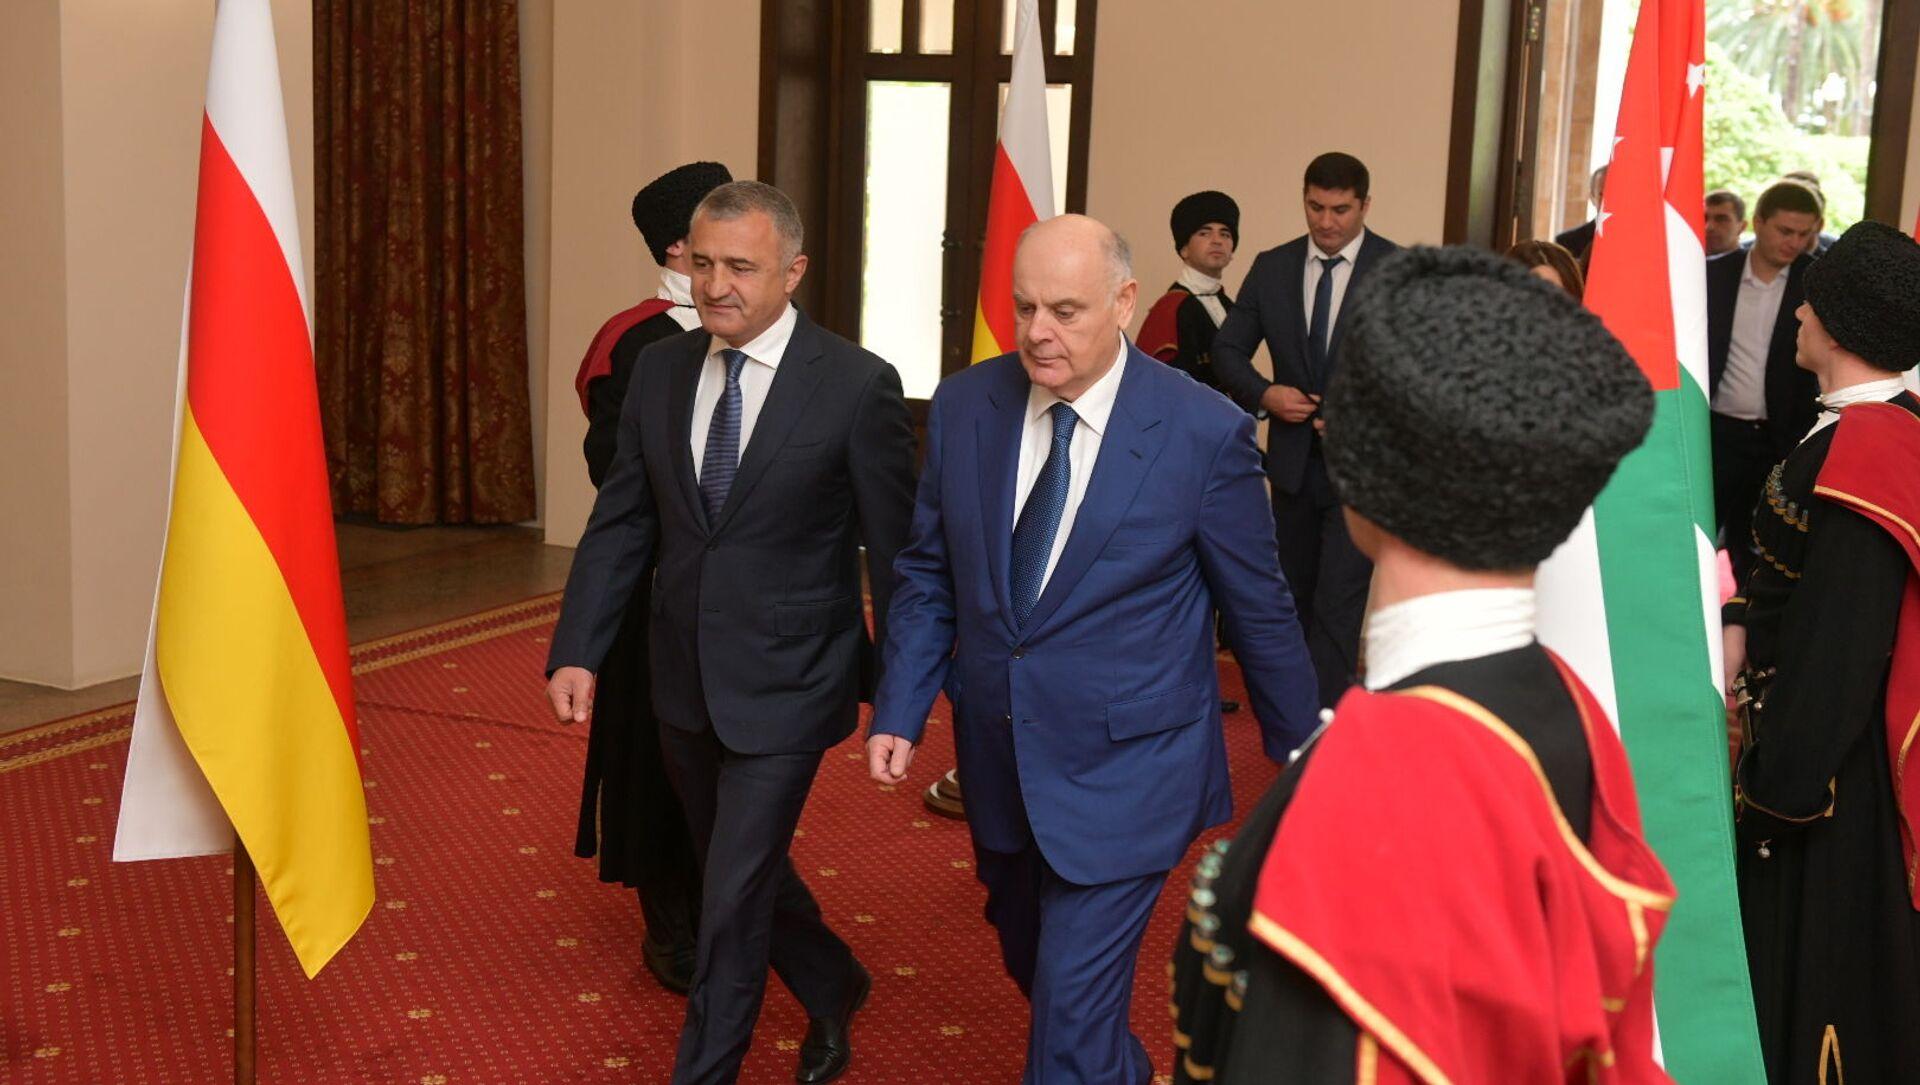 Делегация представителей правительства Южной Осетии во главе с президентом Анатолием Бибиловым прибыла в Абхазию  - Sputnik Абхазия, 1920, 30.09.2021